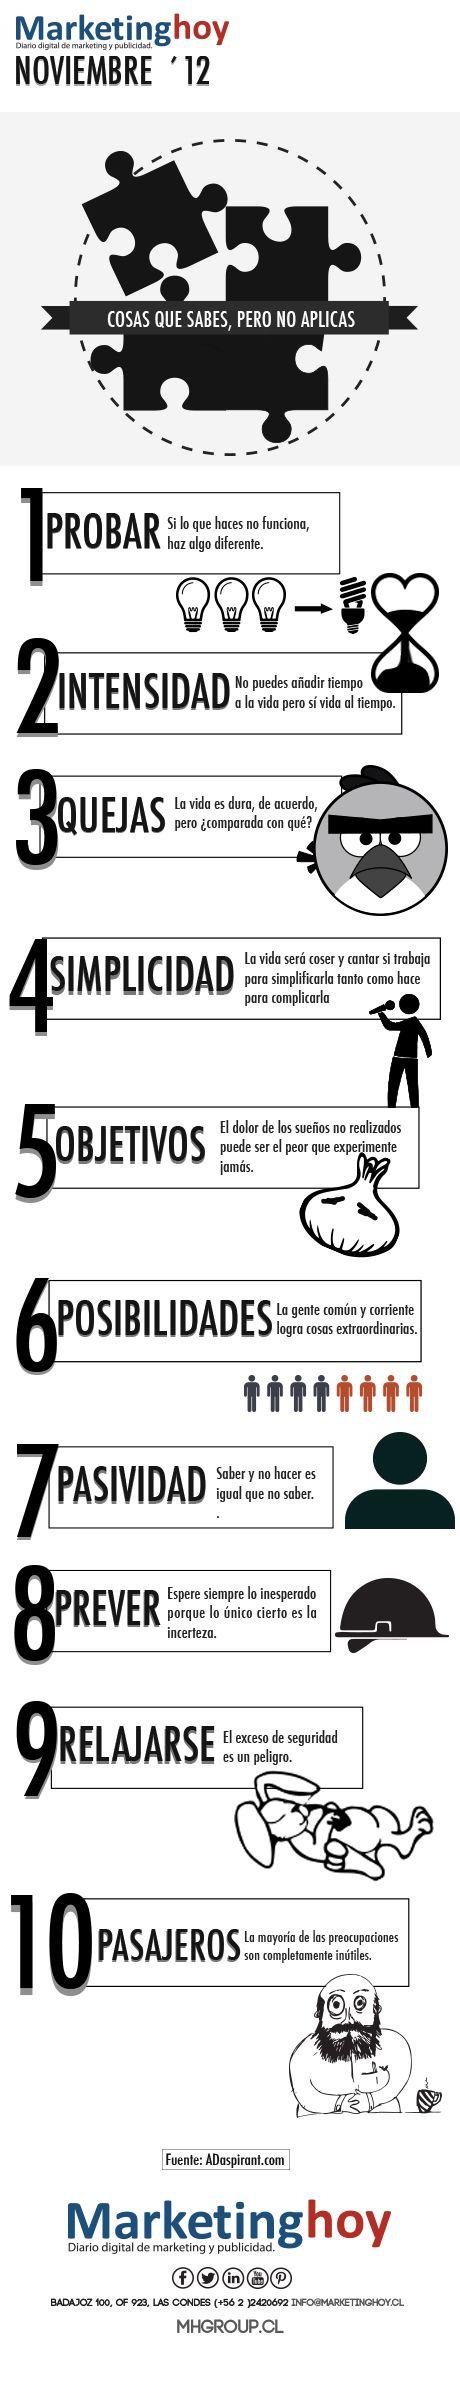 10 cosas que sabes hacer pero que casi nunca haces #infografia